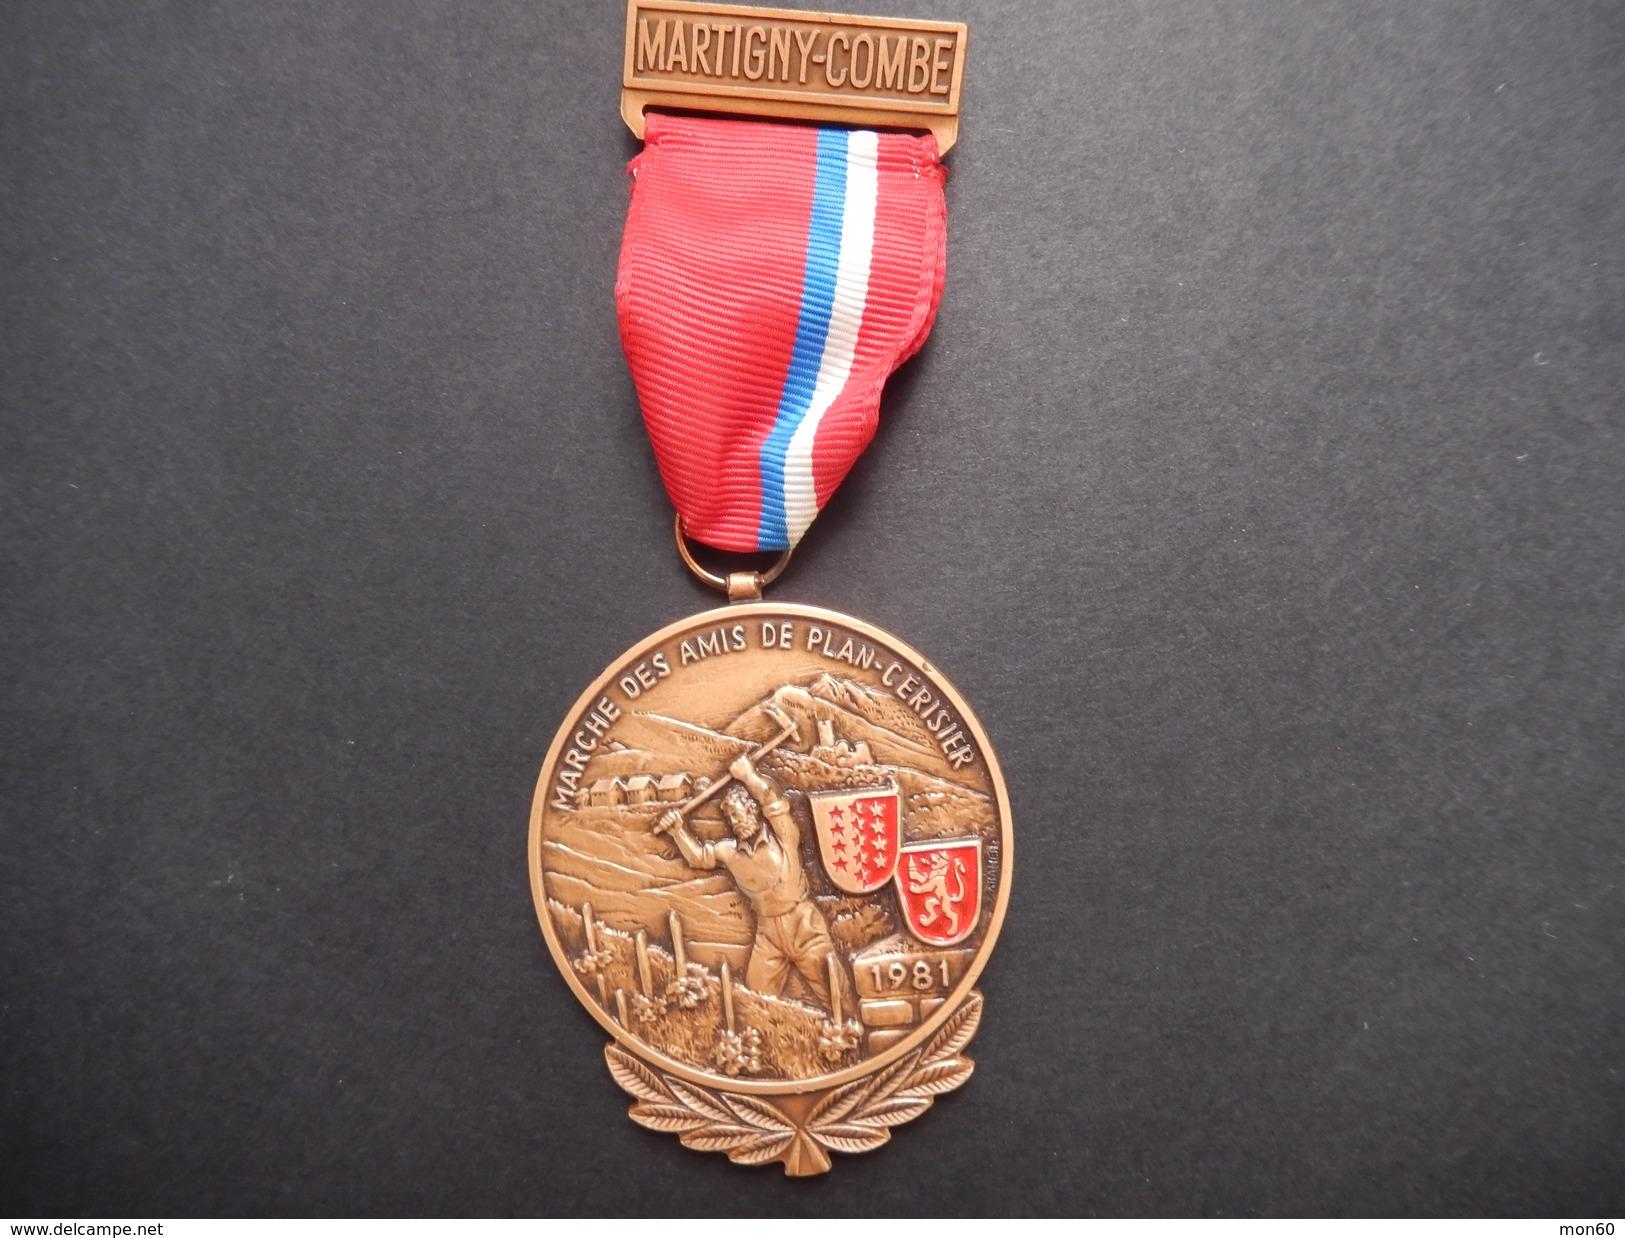 Medaglia Svizzera Martigny-Combe - Marche Des Amis De Plain-Cerisier - ME67 - Non Classificati